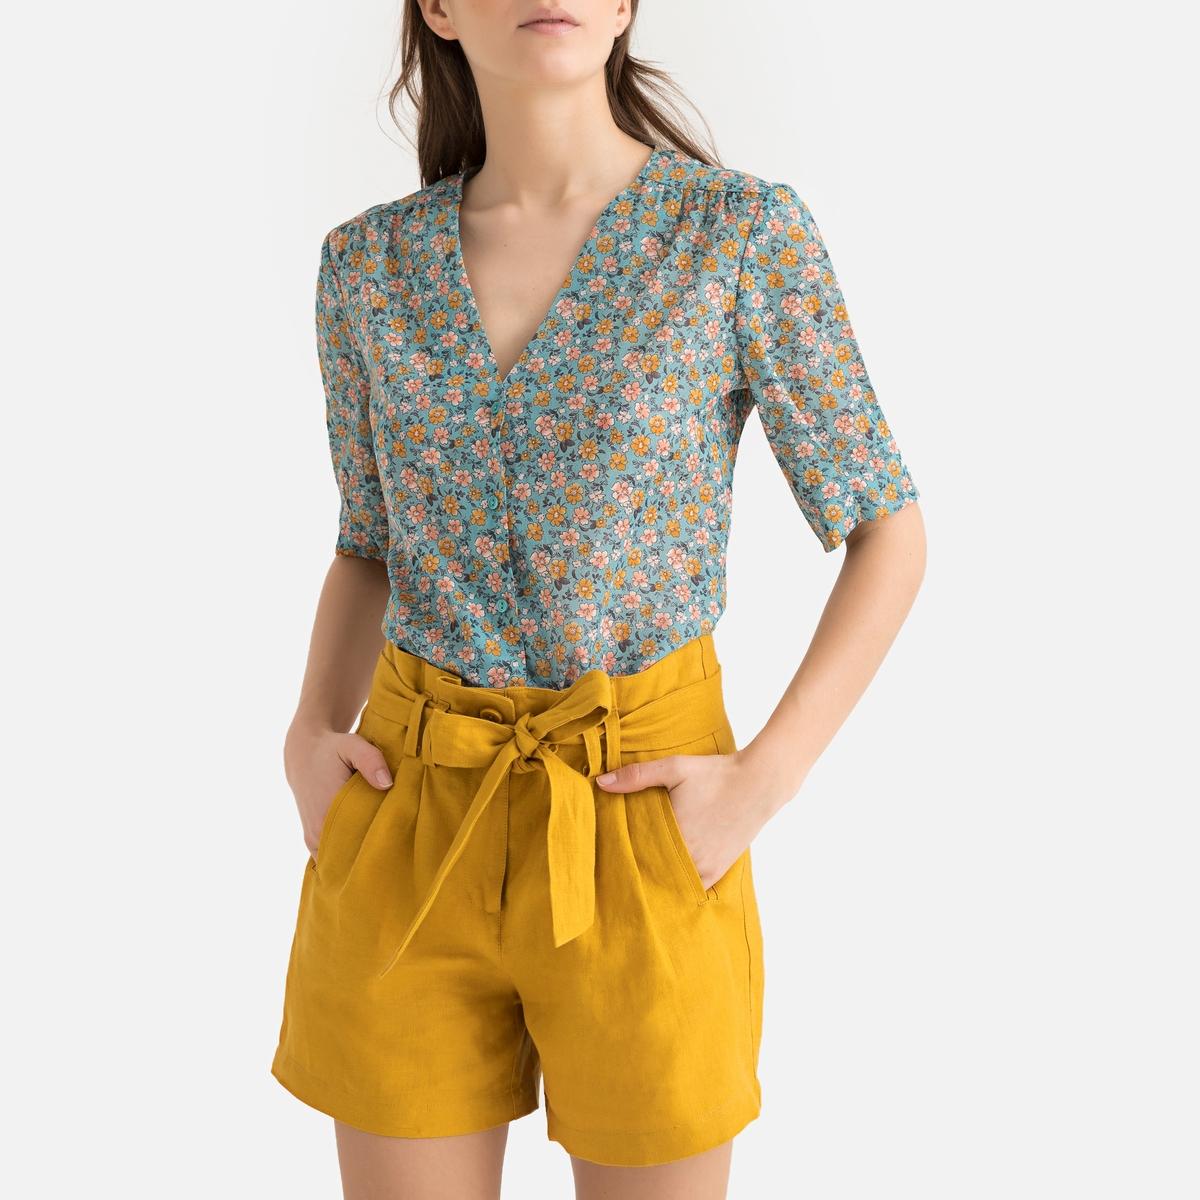 Camisa con cuello de pico, estampado floral, manga corta